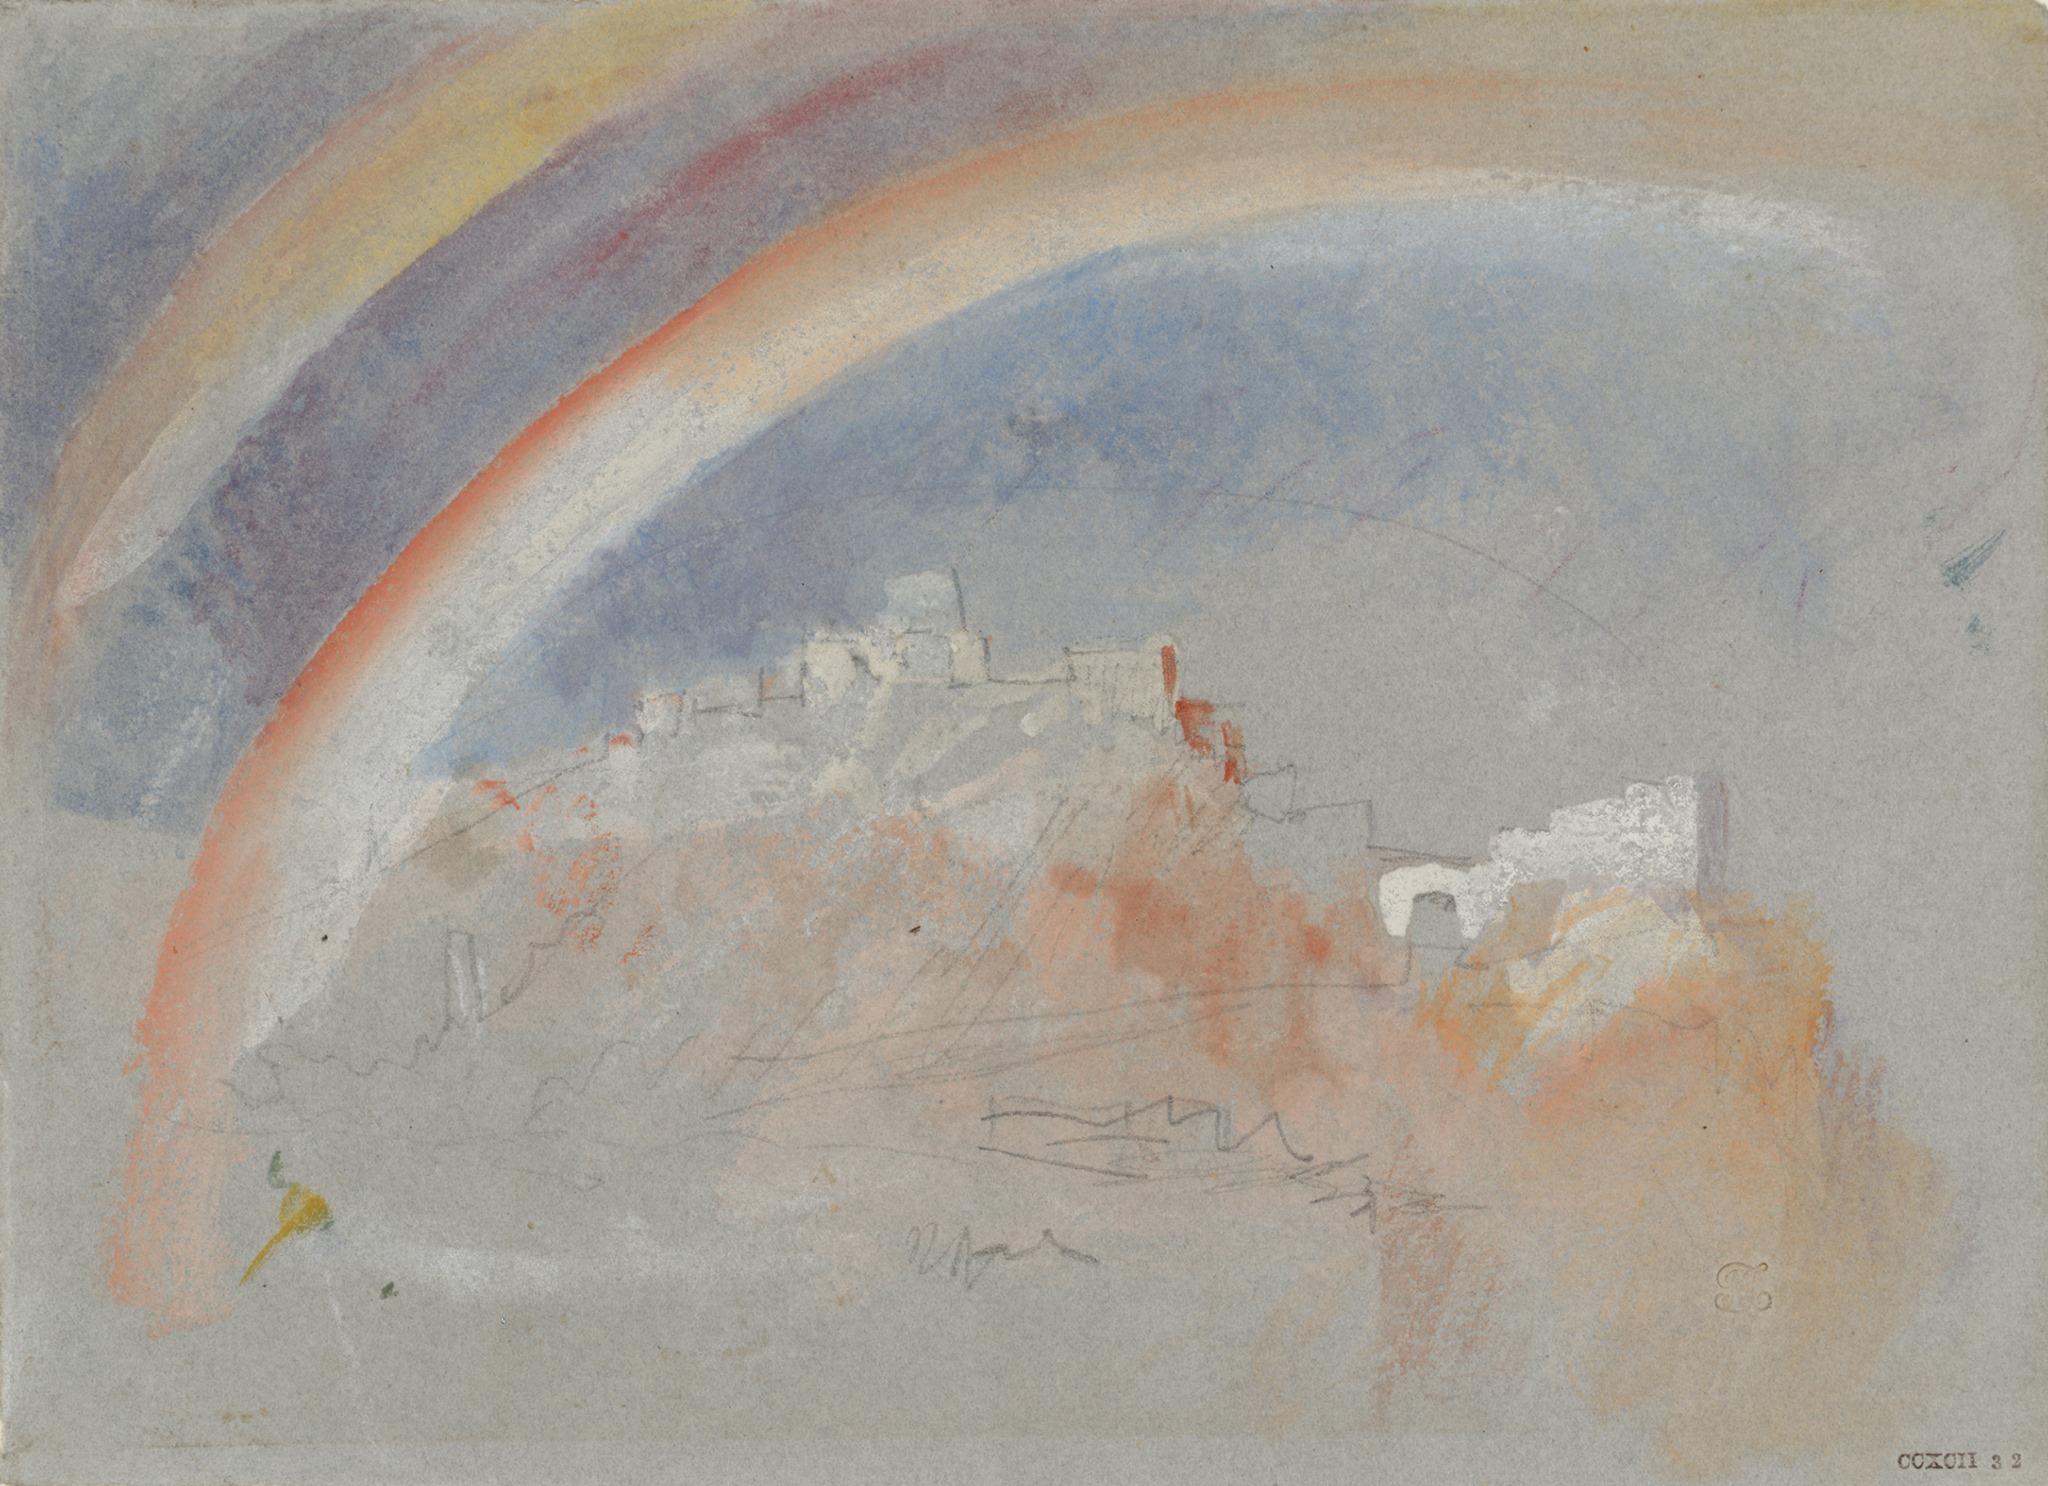 TURNER Ehrenbreitstein avec un arc-en-ciel 1840 graphite, aquarelle et gouache sur papier